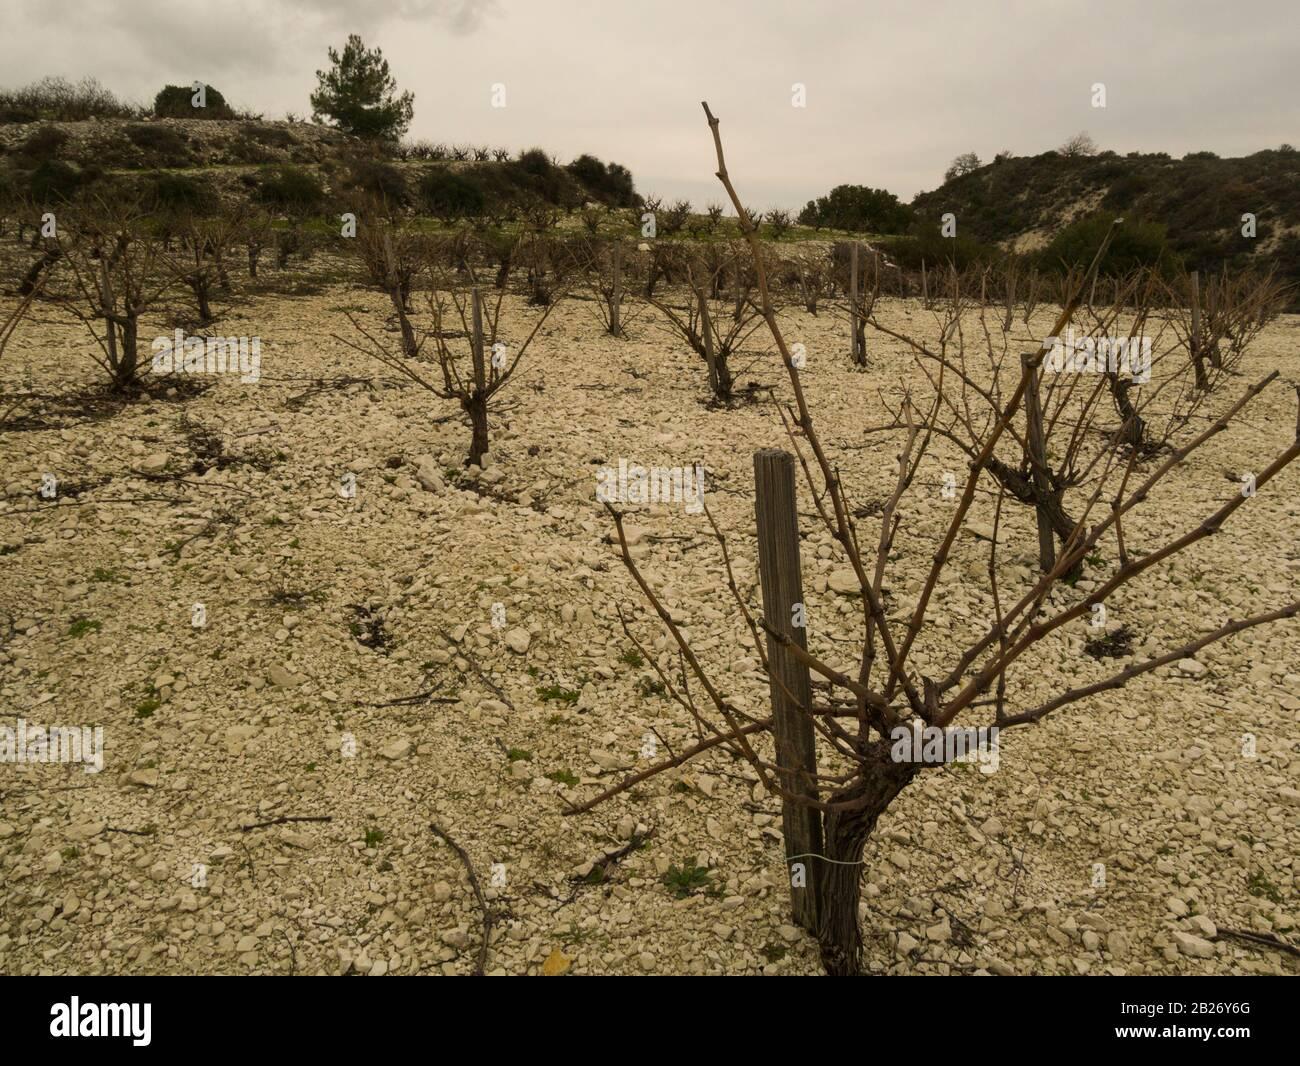 Viñedos en el viñedo de la bodega Ktimo Gerolemo en Omodos Chipre, produciendo una selección de uvas galardonadas para vinos tintos blancos y rosados y dulces Foto de stock